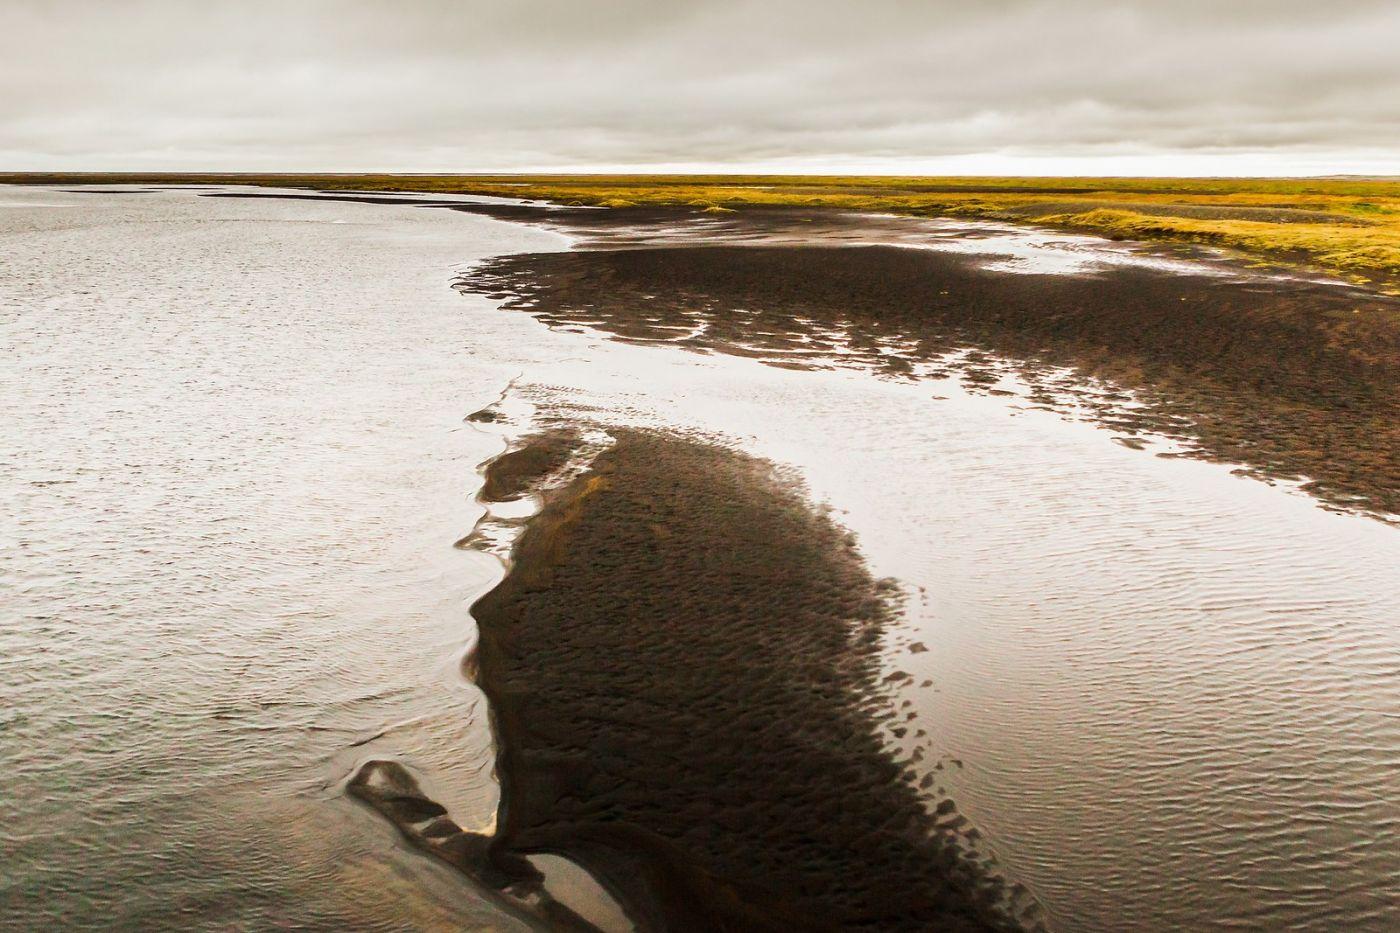 冰岛风采,那一片水景_图1-18